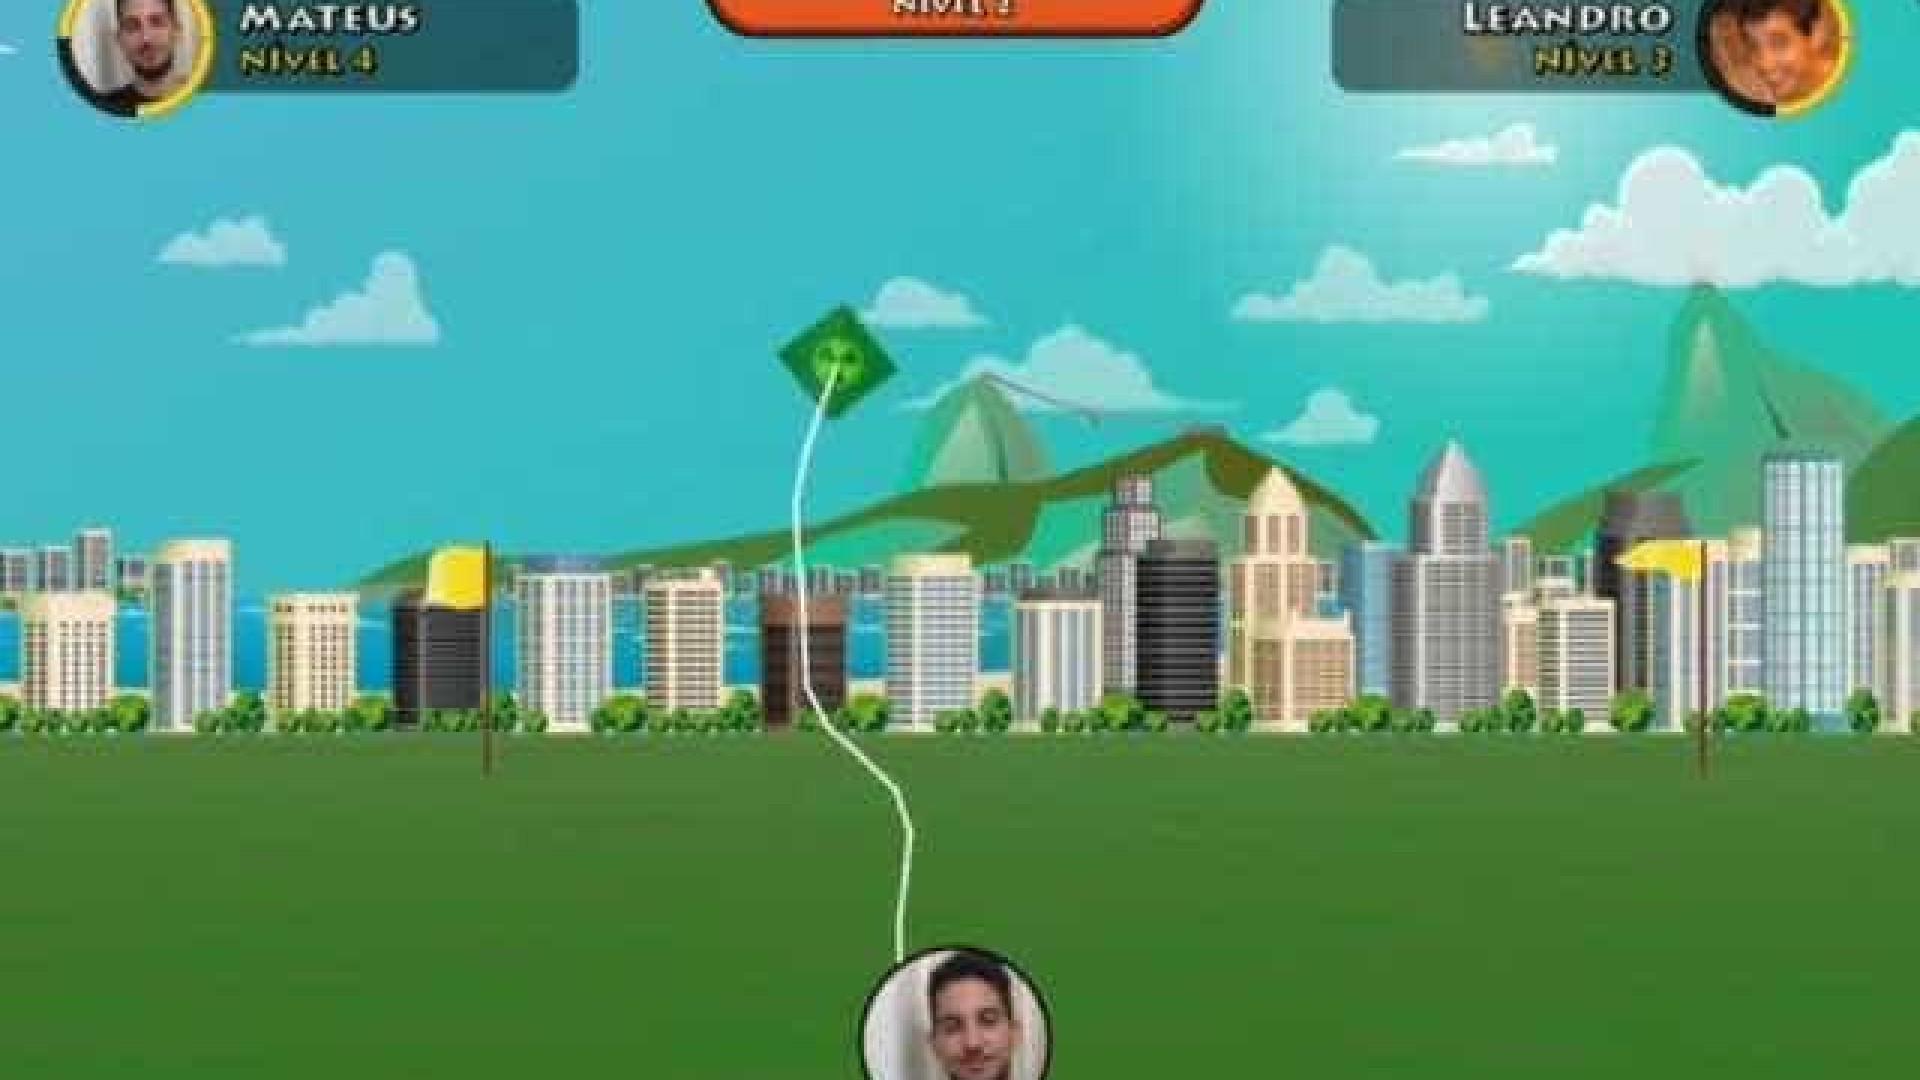 Brasileiros criam game interativo inspirado nas batalhas de pipas